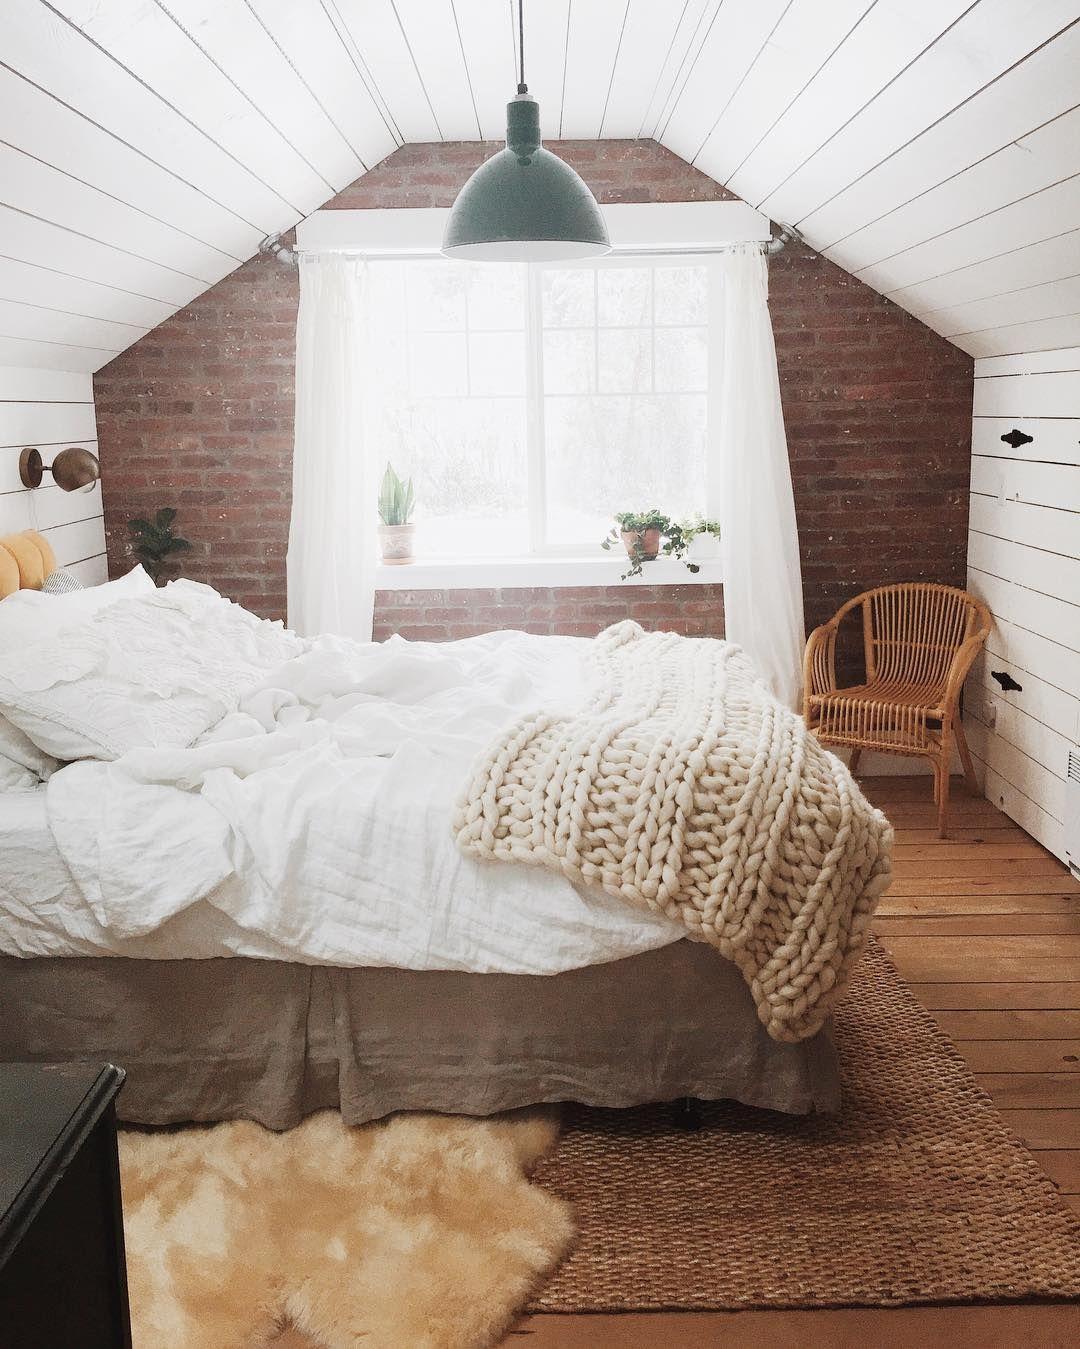 1 446 Likes 27 Comments Saraparsons On Instagram Stilllllll Snowing Outside Attic Master Bedroom Master Bedrooms Decor Bedroom Decor